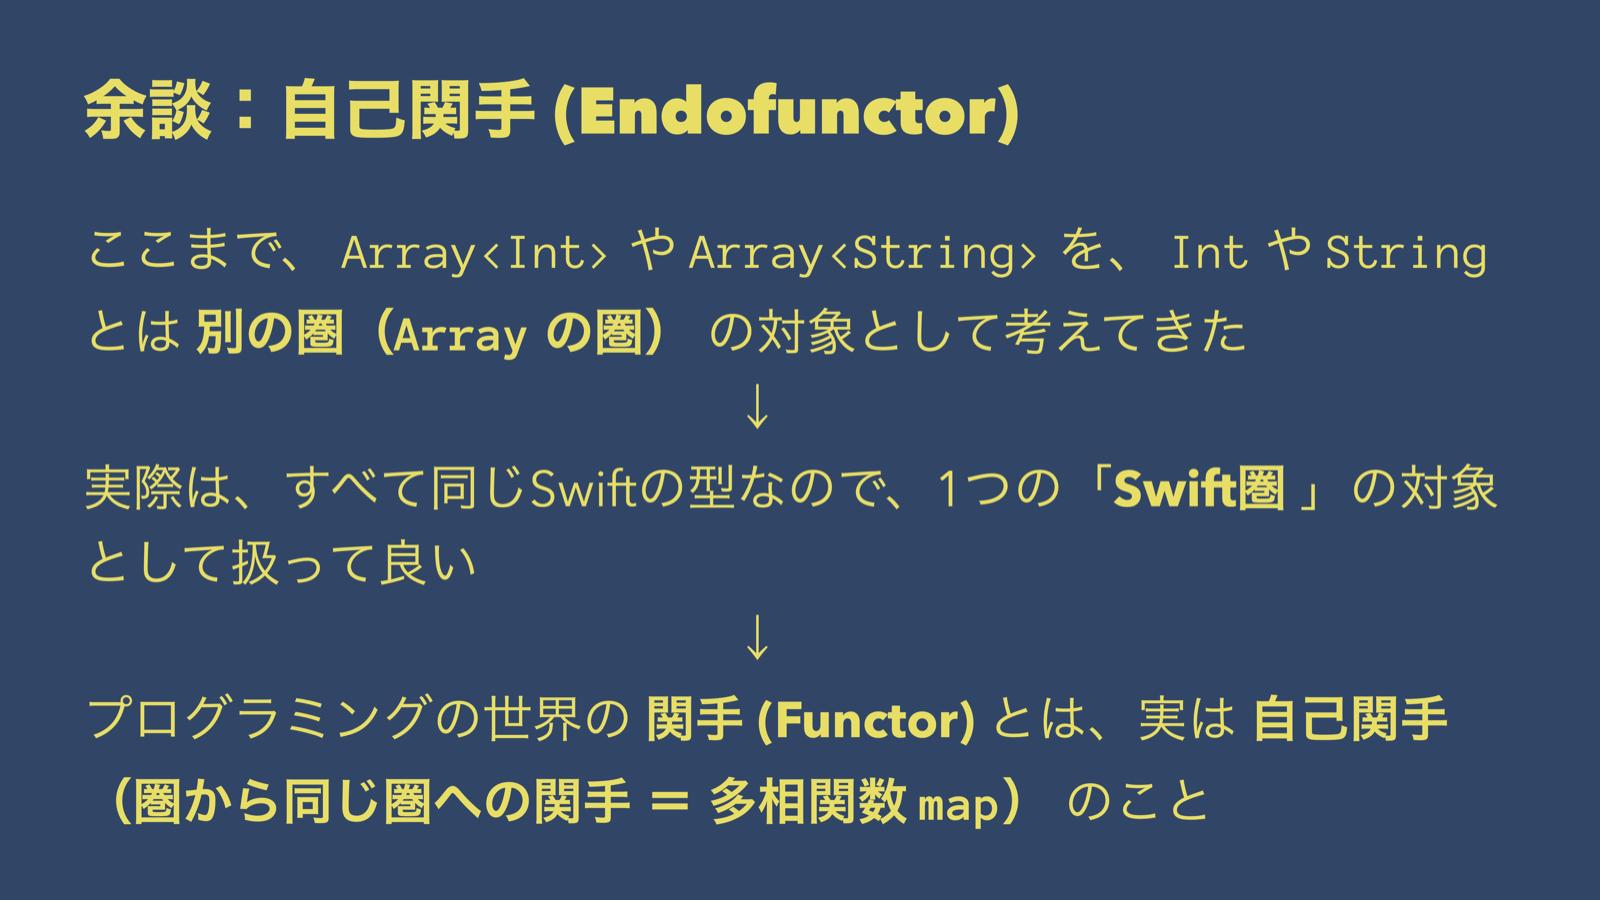 iOSDC Japan 2018 「圏論とSwiftへの応用」発表スライドメモ - Qiita